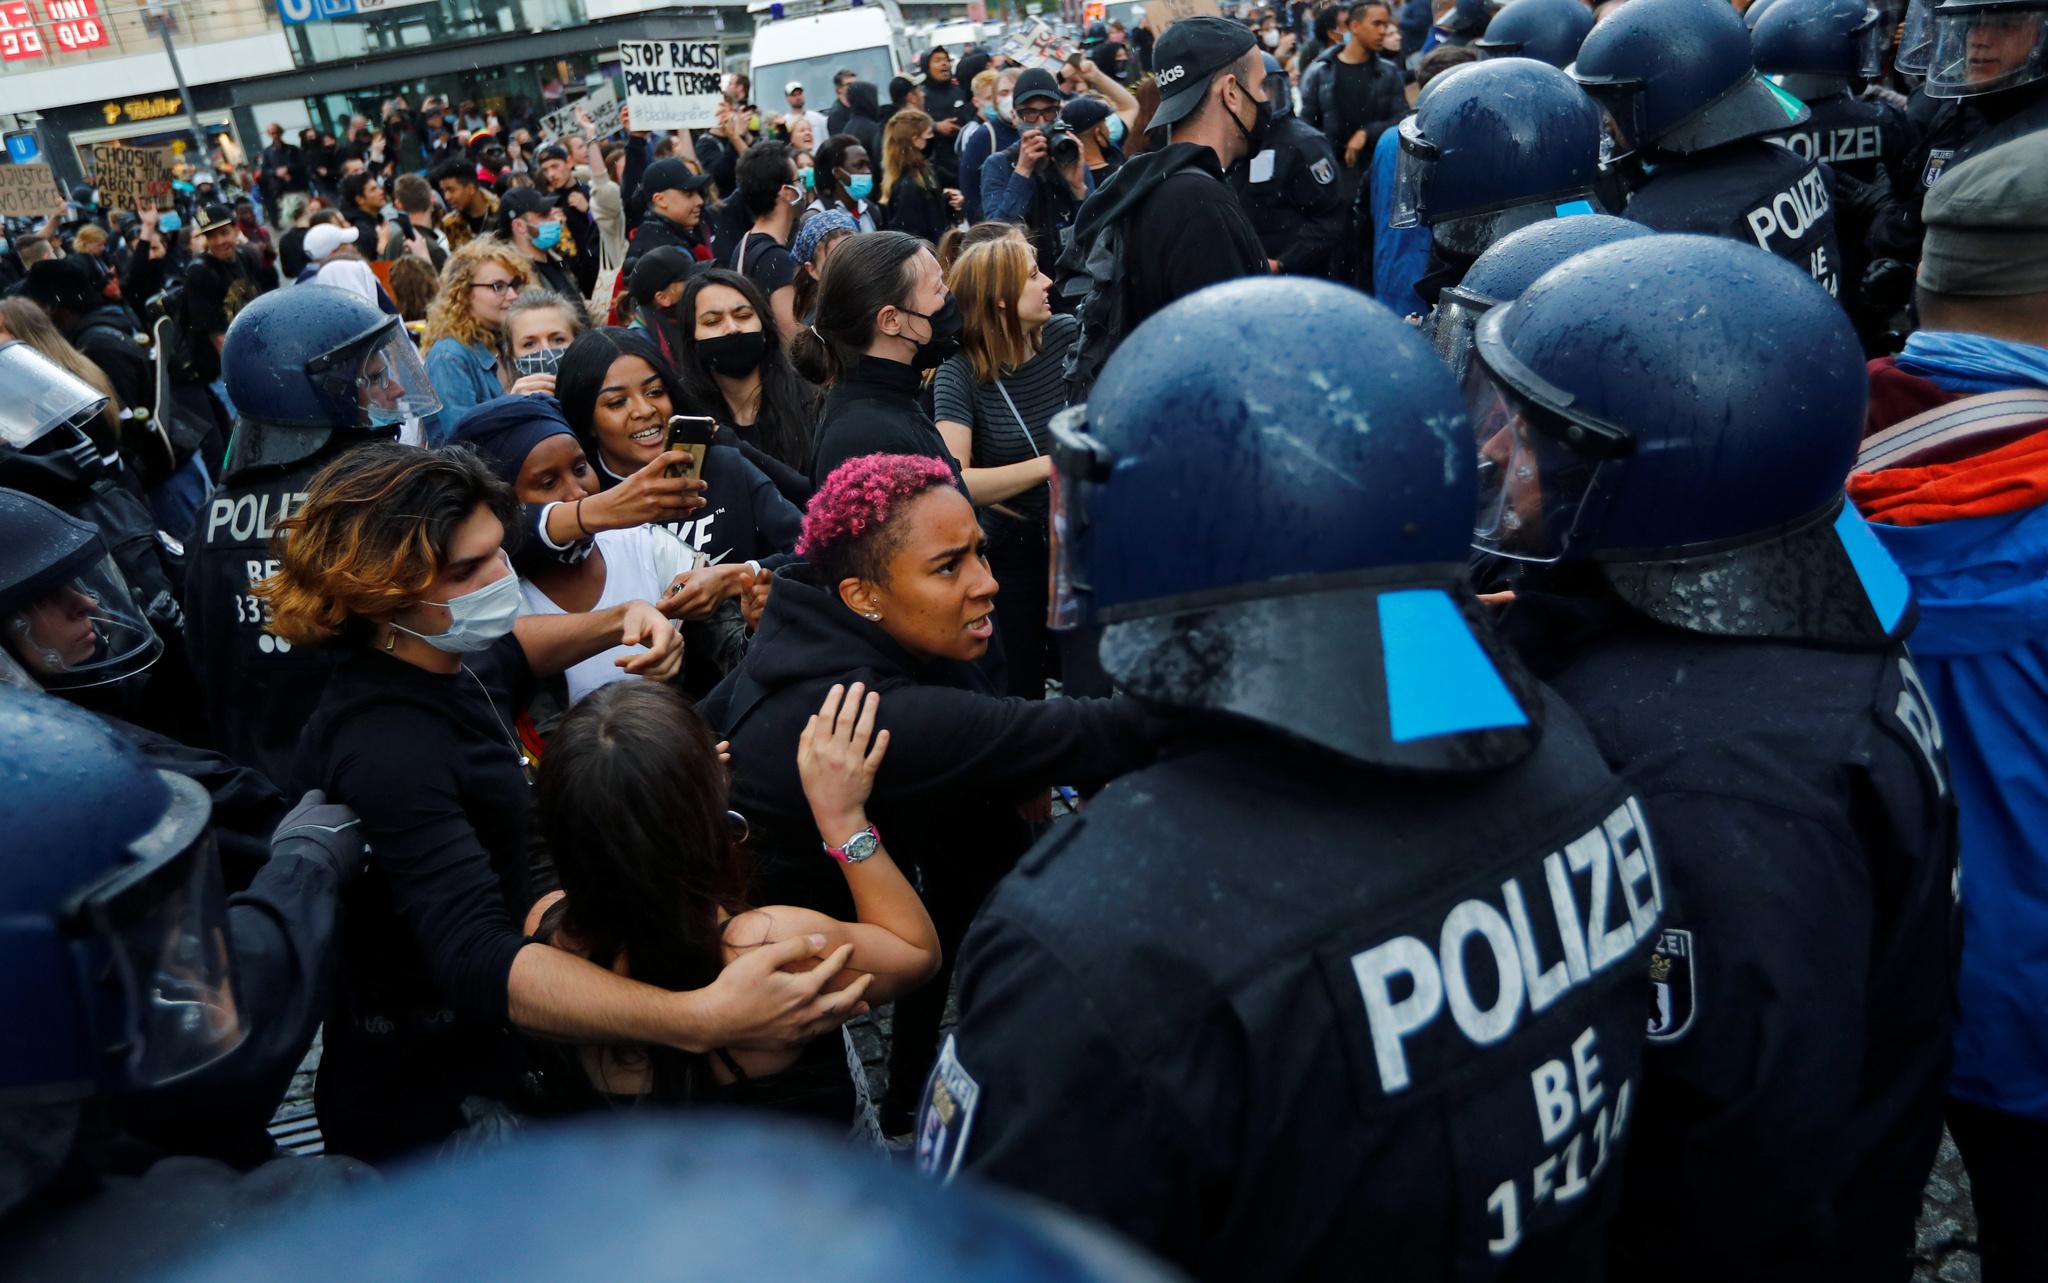 Alman polisinde ırkçılık ve şiddet iddiası